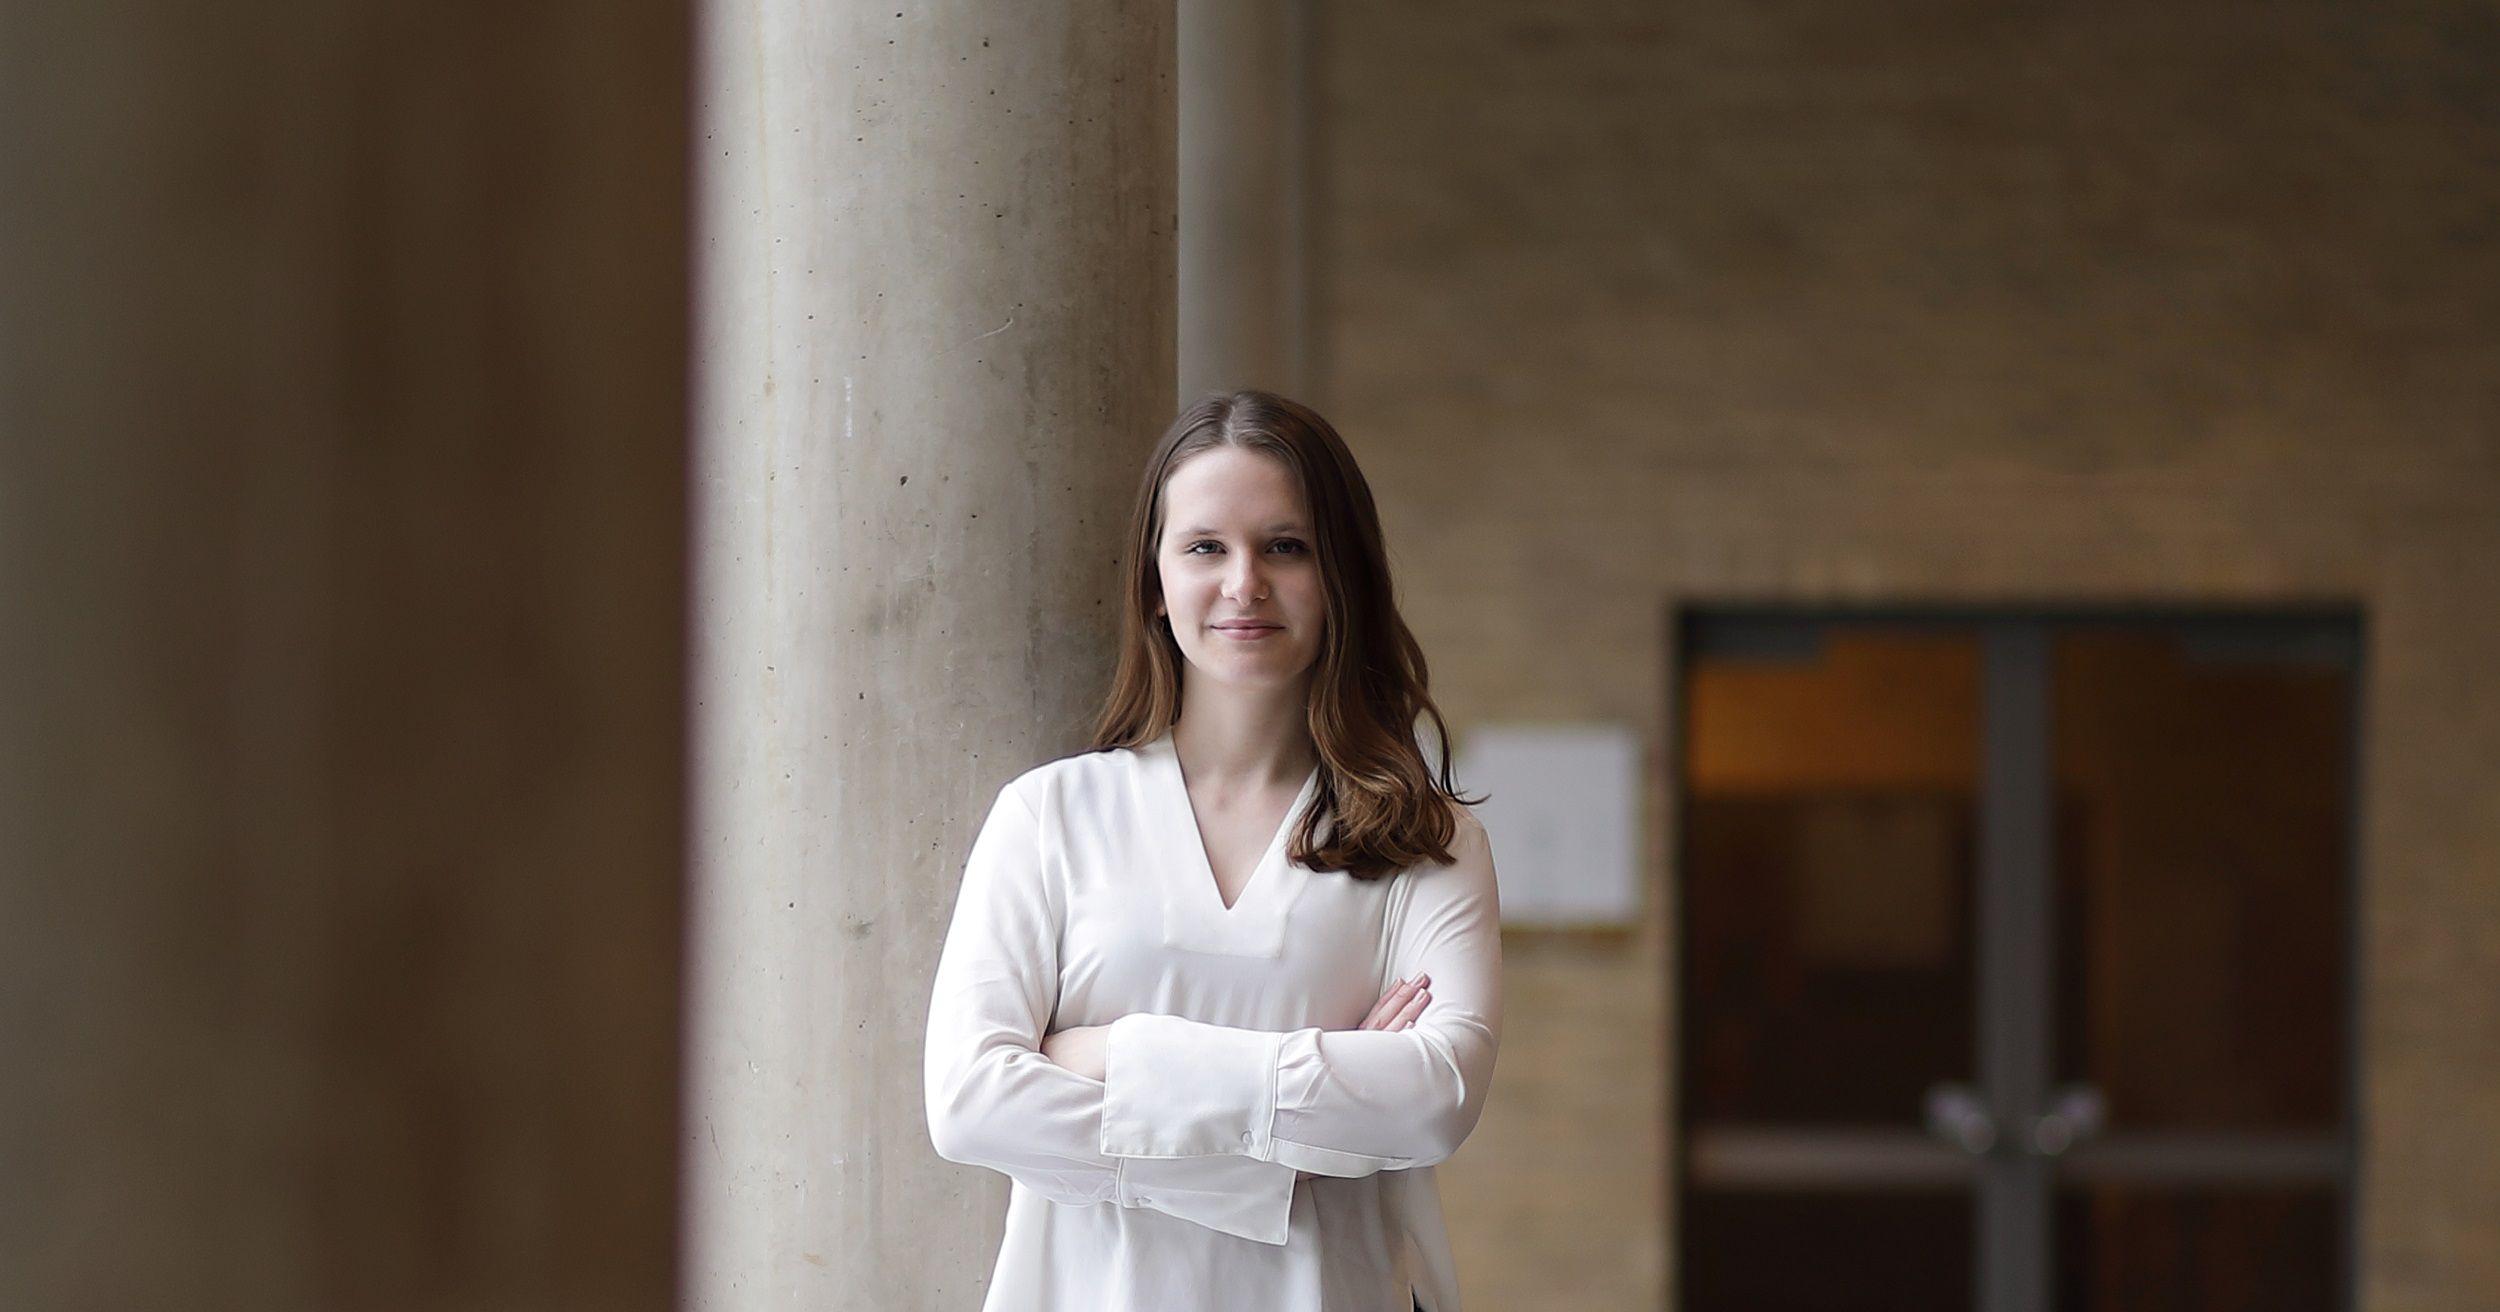 Jennifer Dijkstra Leonie van der Locht Huijbers 2019 1